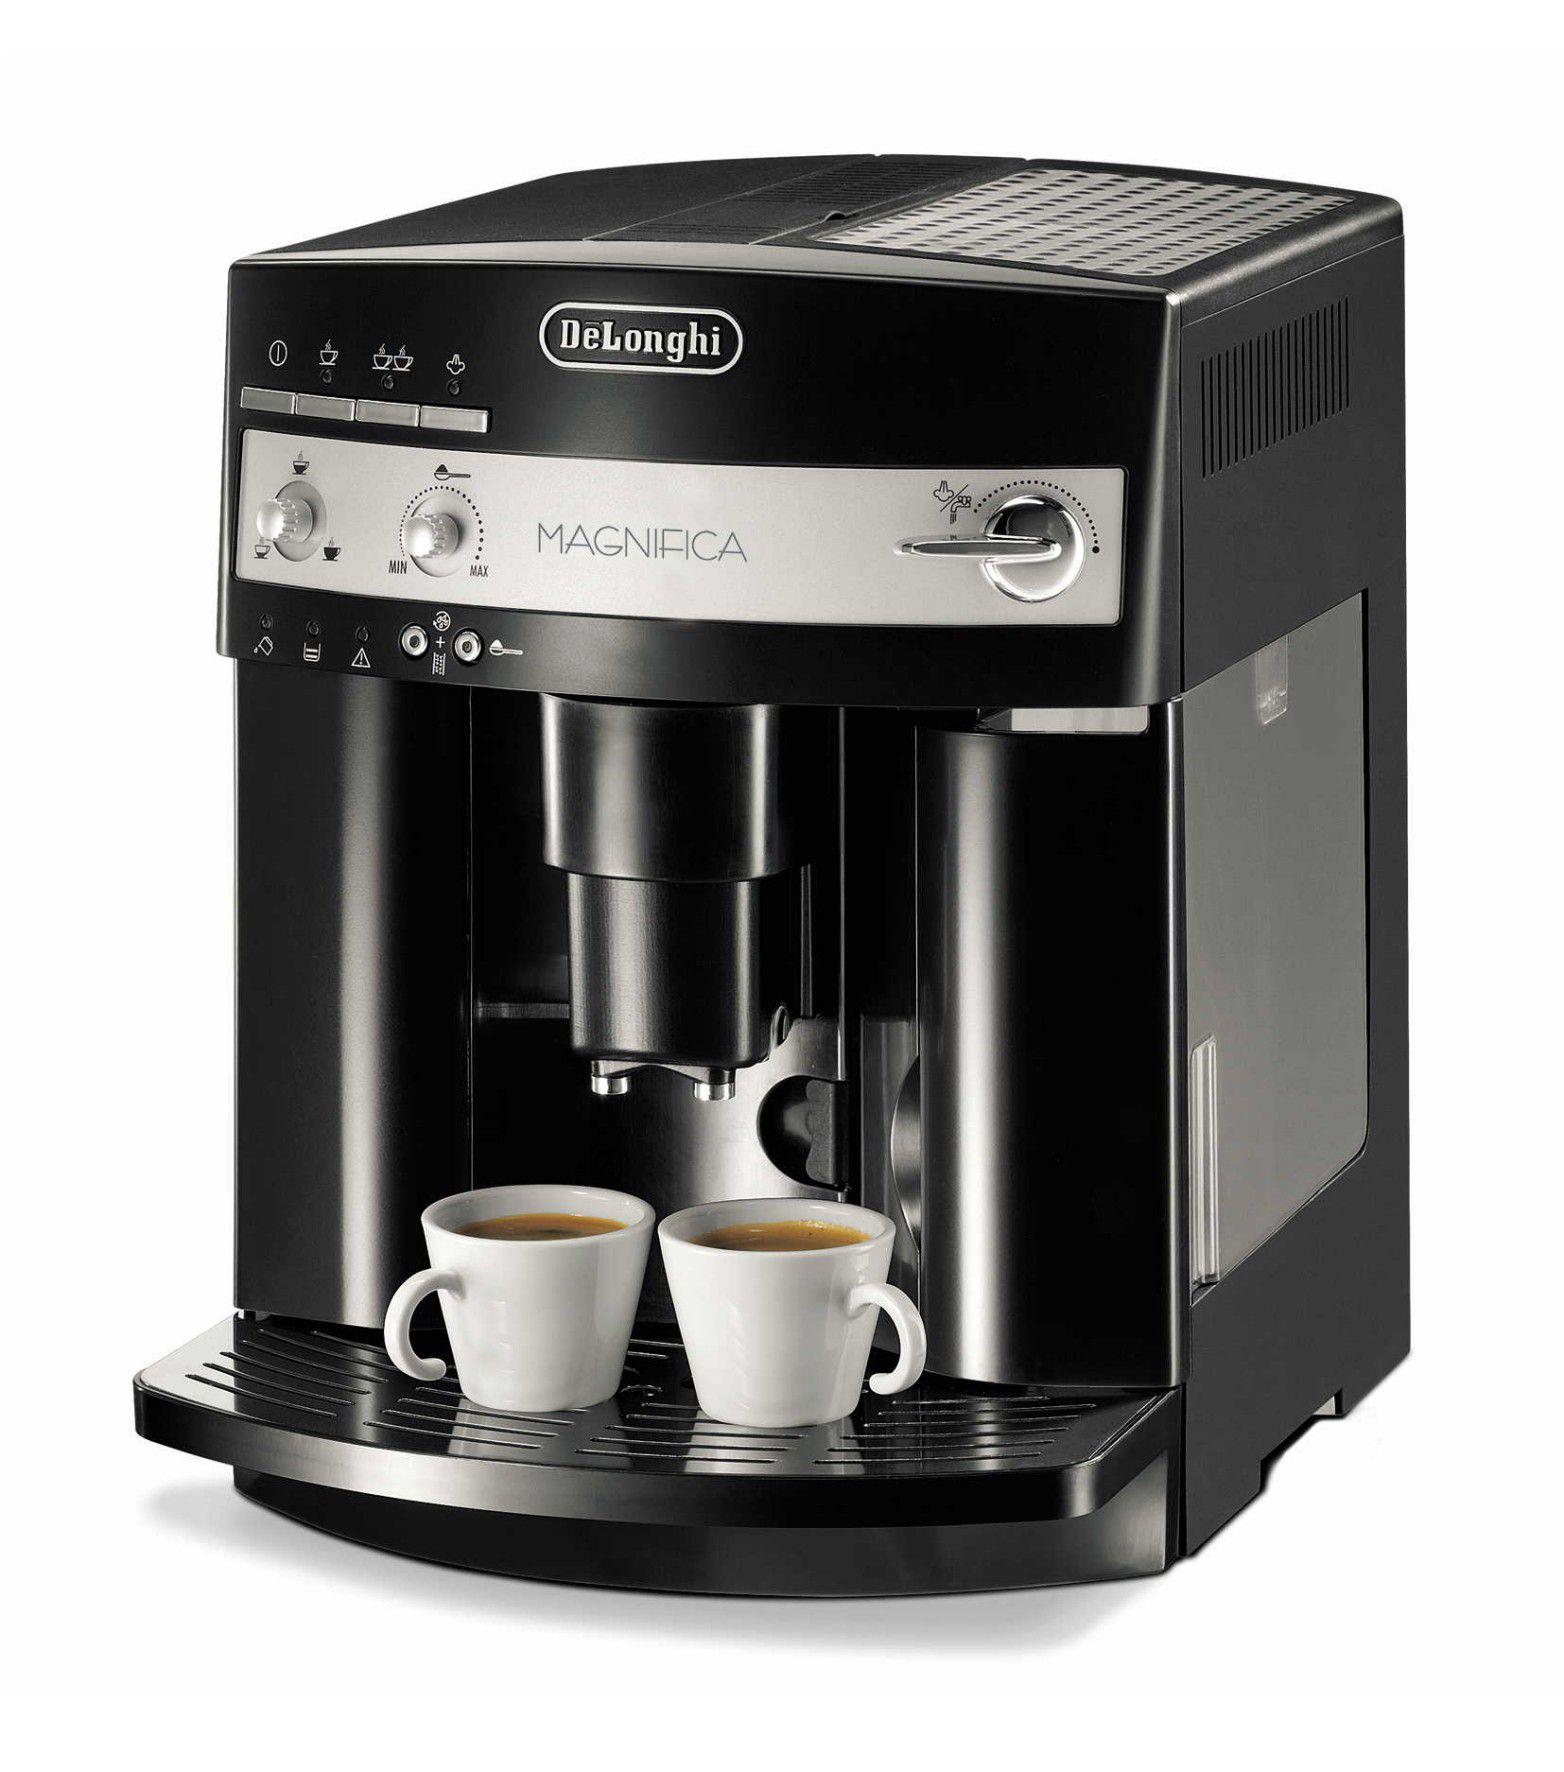 delonghi magnifica esam 3000 b test complet cafeti re automatique avec broyeur les num riques. Black Bedroom Furniture Sets. Home Design Ideas